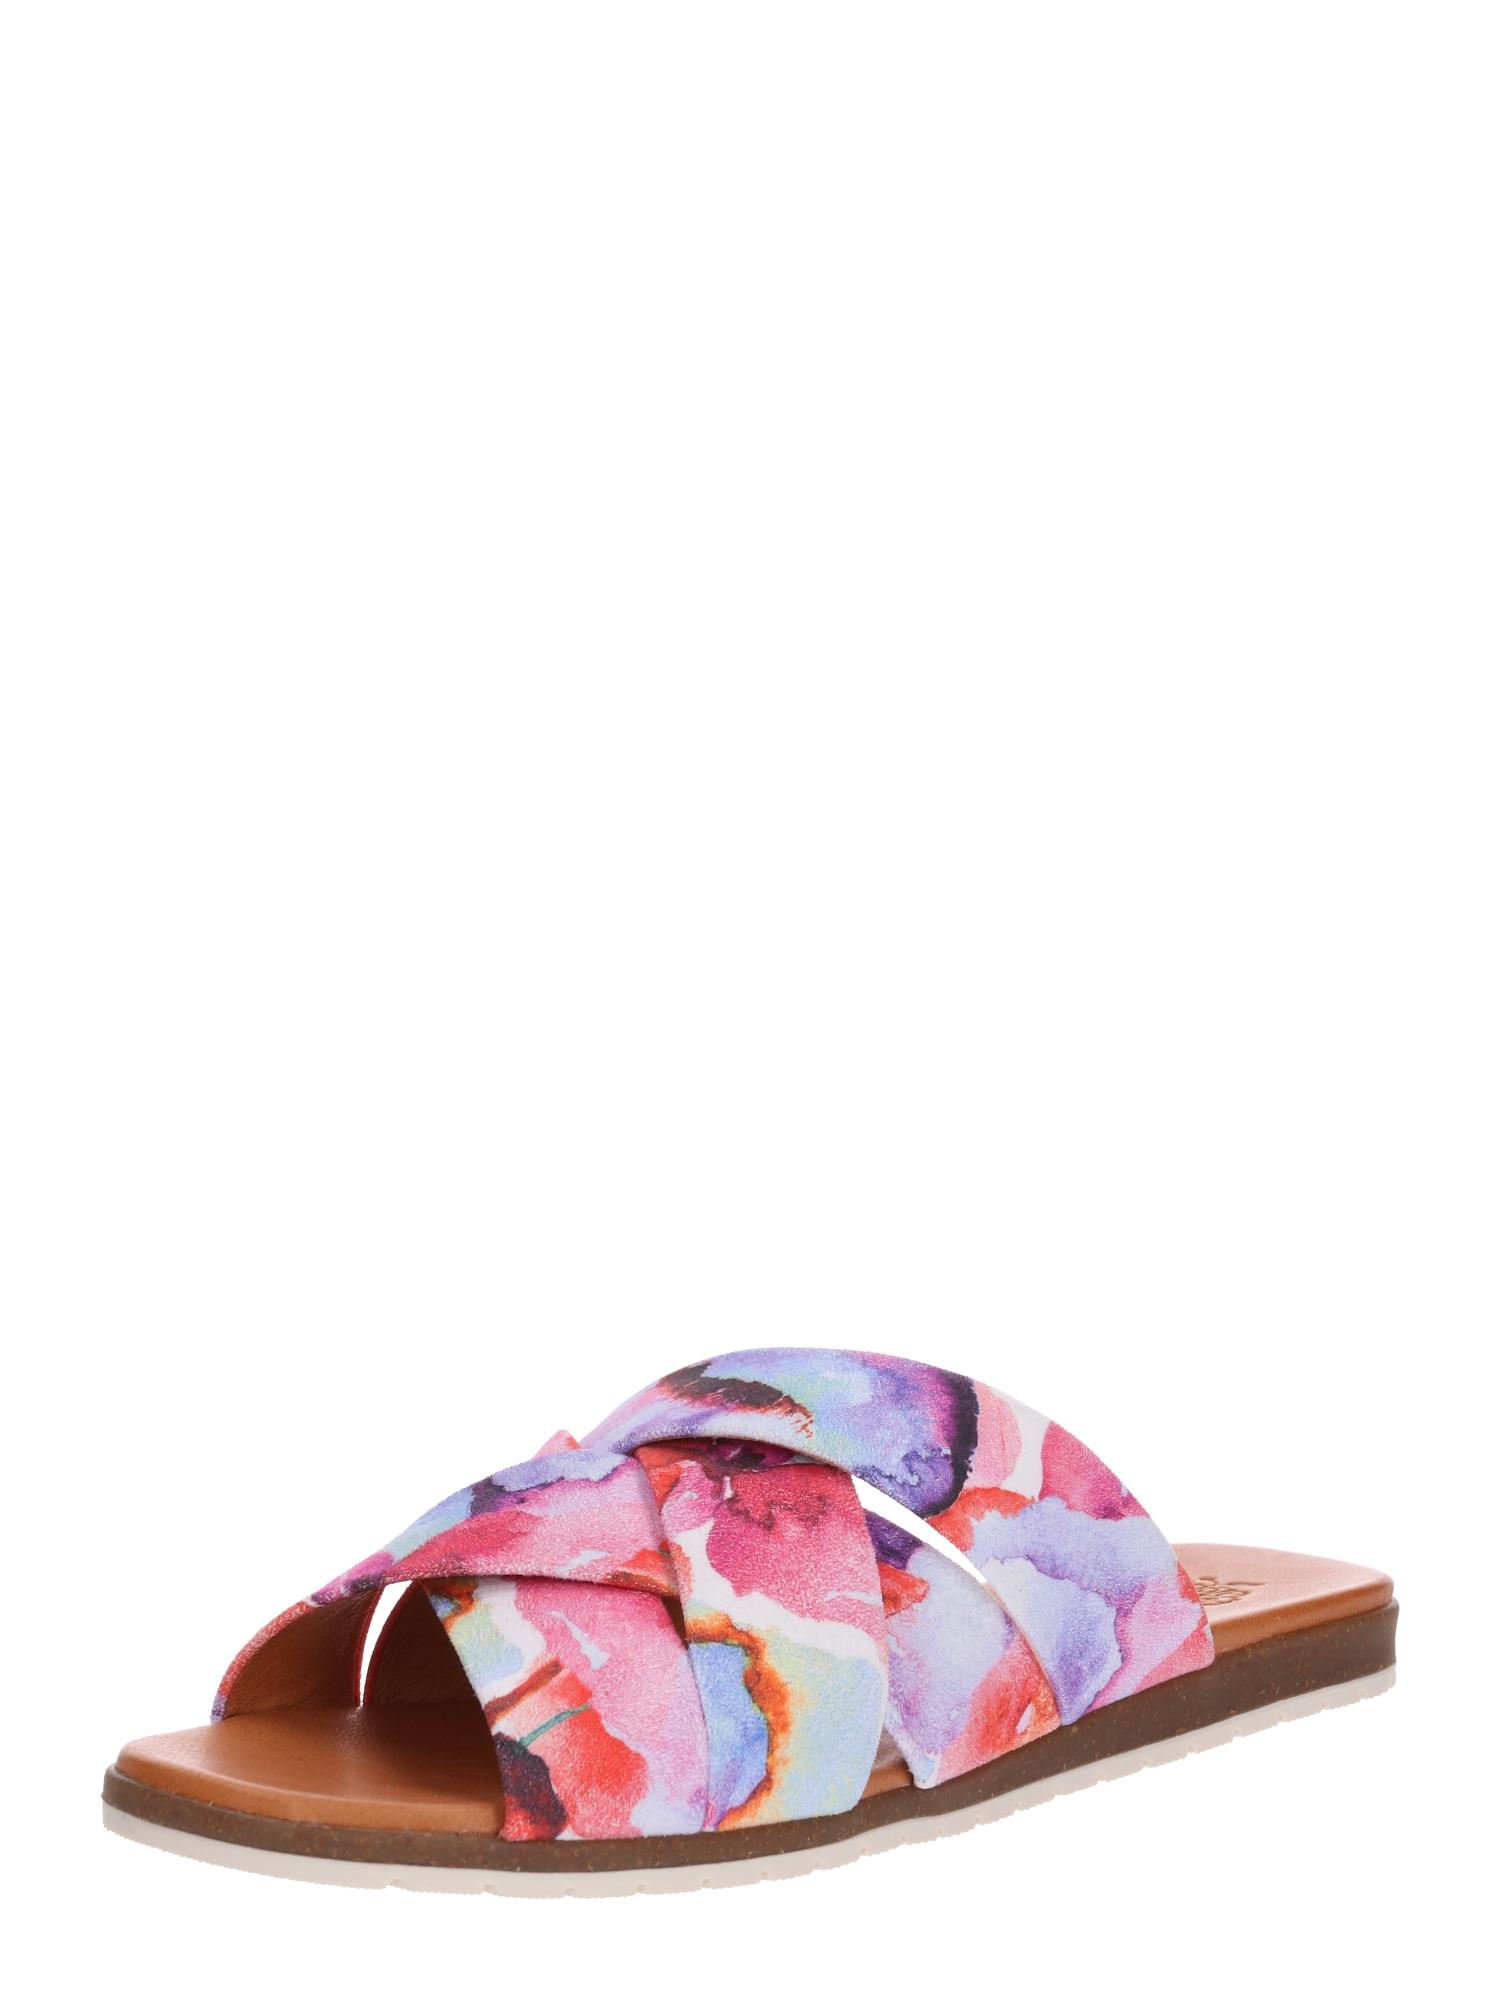 Pantofle Berta béžová pink Apple Of Eden